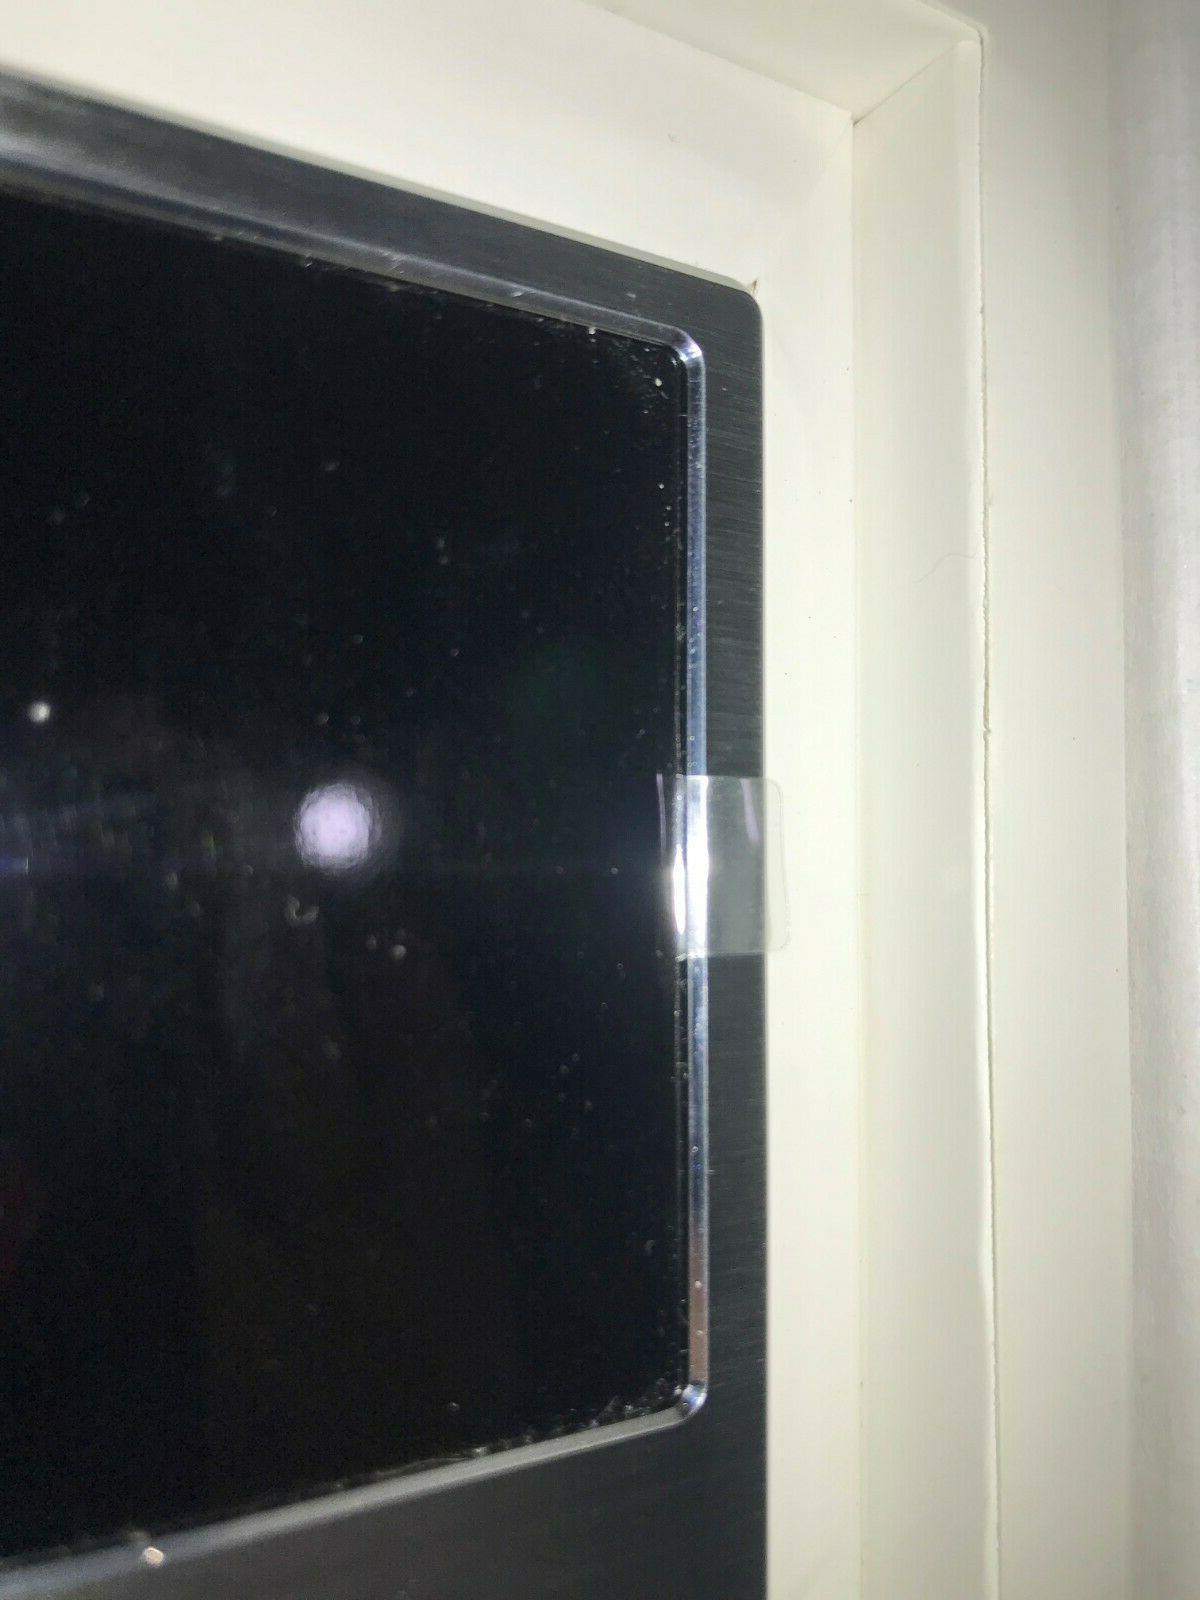 NEW Archos 80GB Media DVR Portable Multimedia + ACCES.